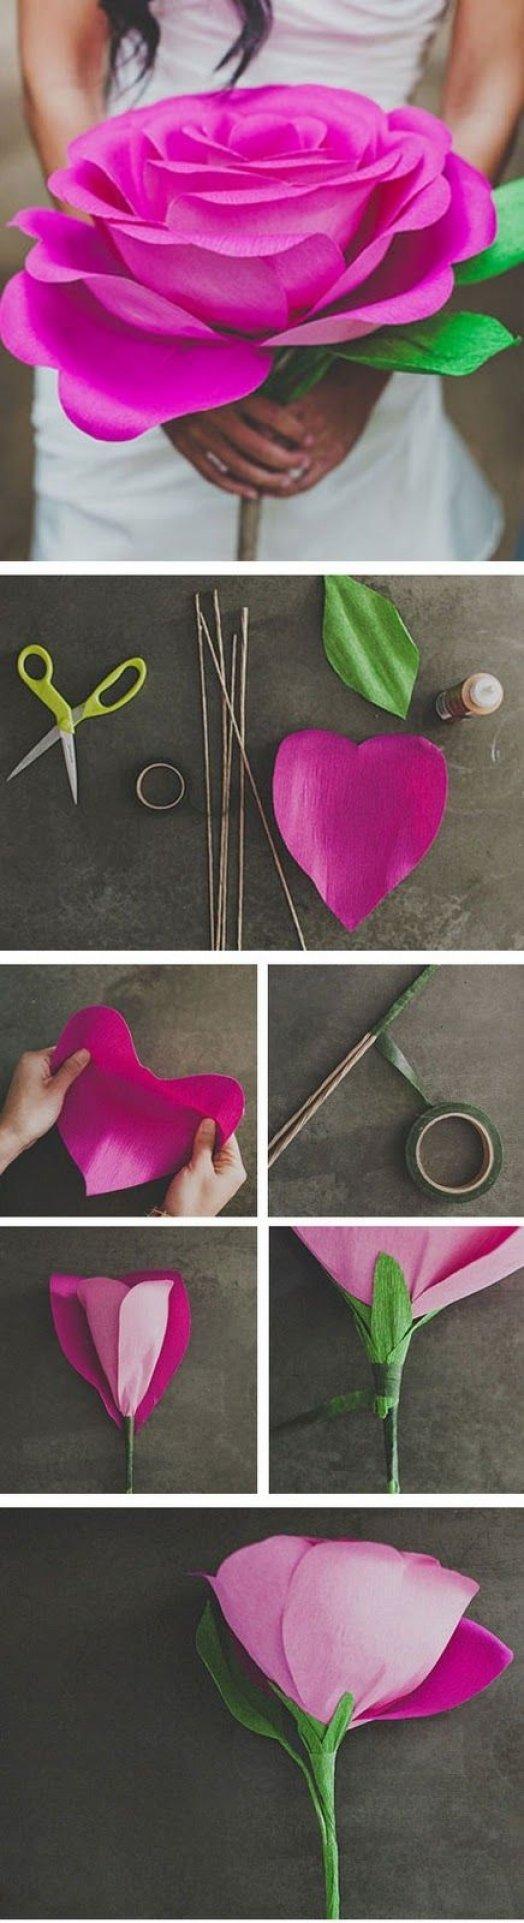 Цветы из бумаги своими руками с пошаговым фото для начинающих